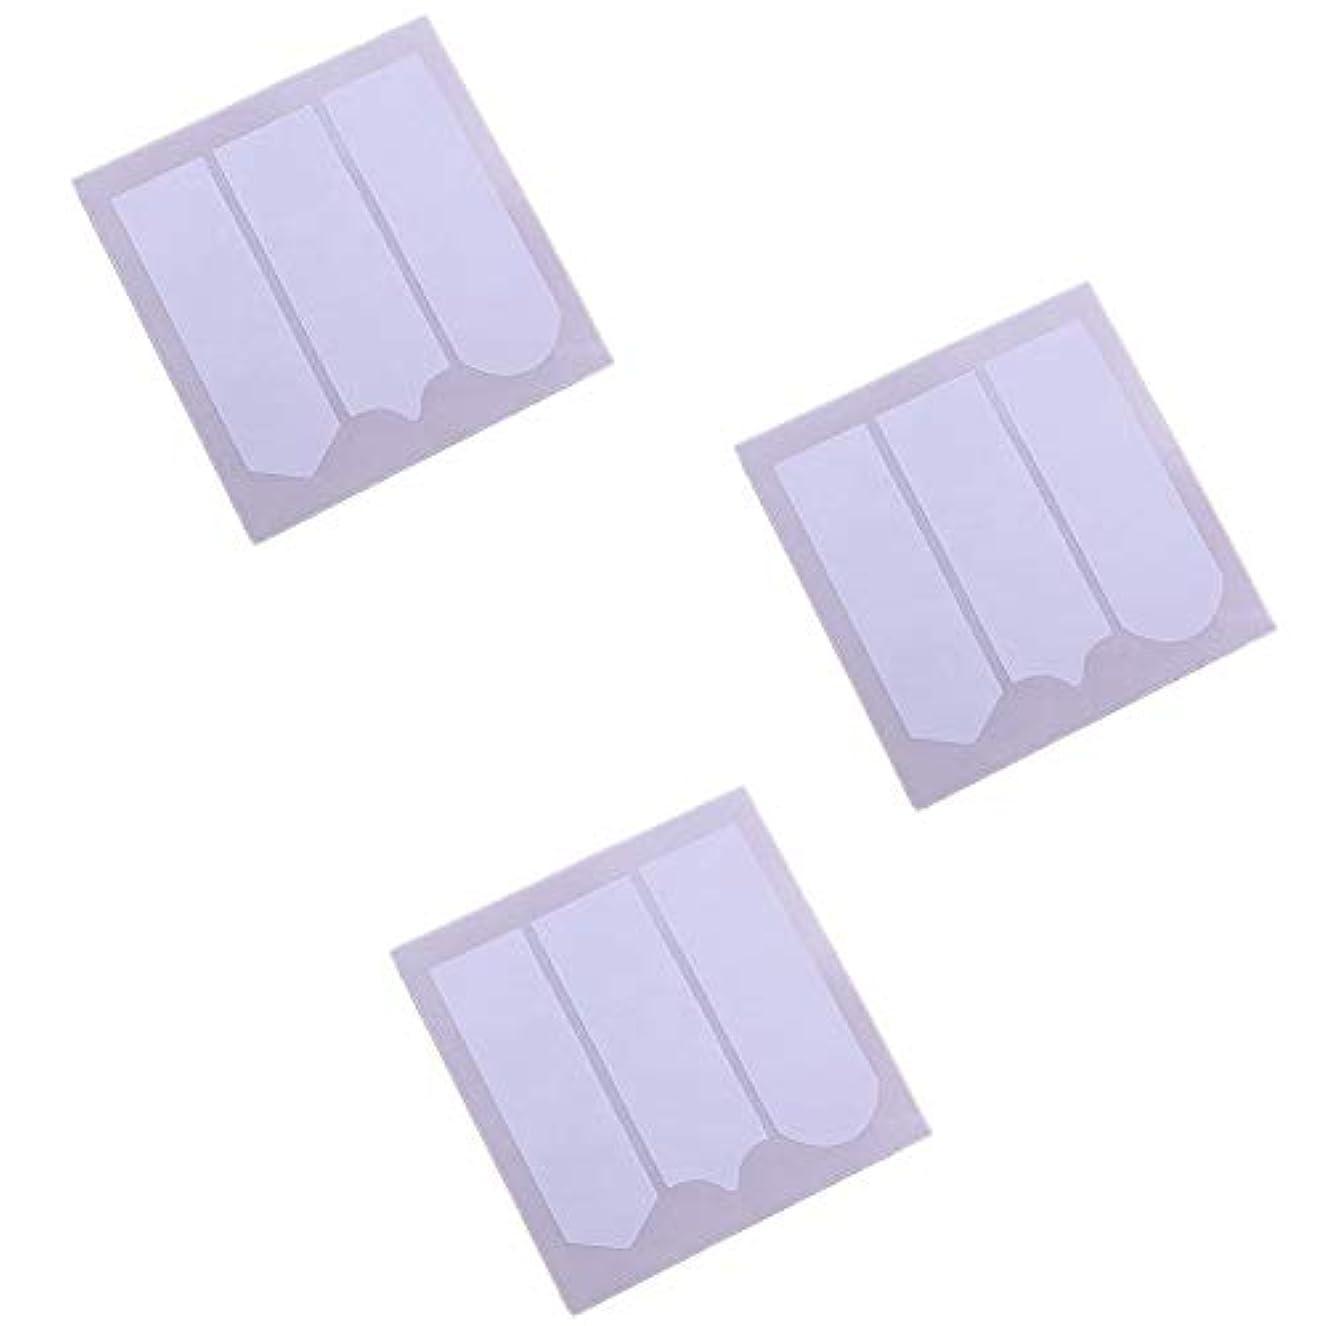 ラップ鳩解釈3Sheetsフランス語ヒントガイドムーン形状デザインネイルステッカースマイルラインステッカー自己接着性ネイルステッカーは、自分自身を導くマニキュアネイルツールを促し